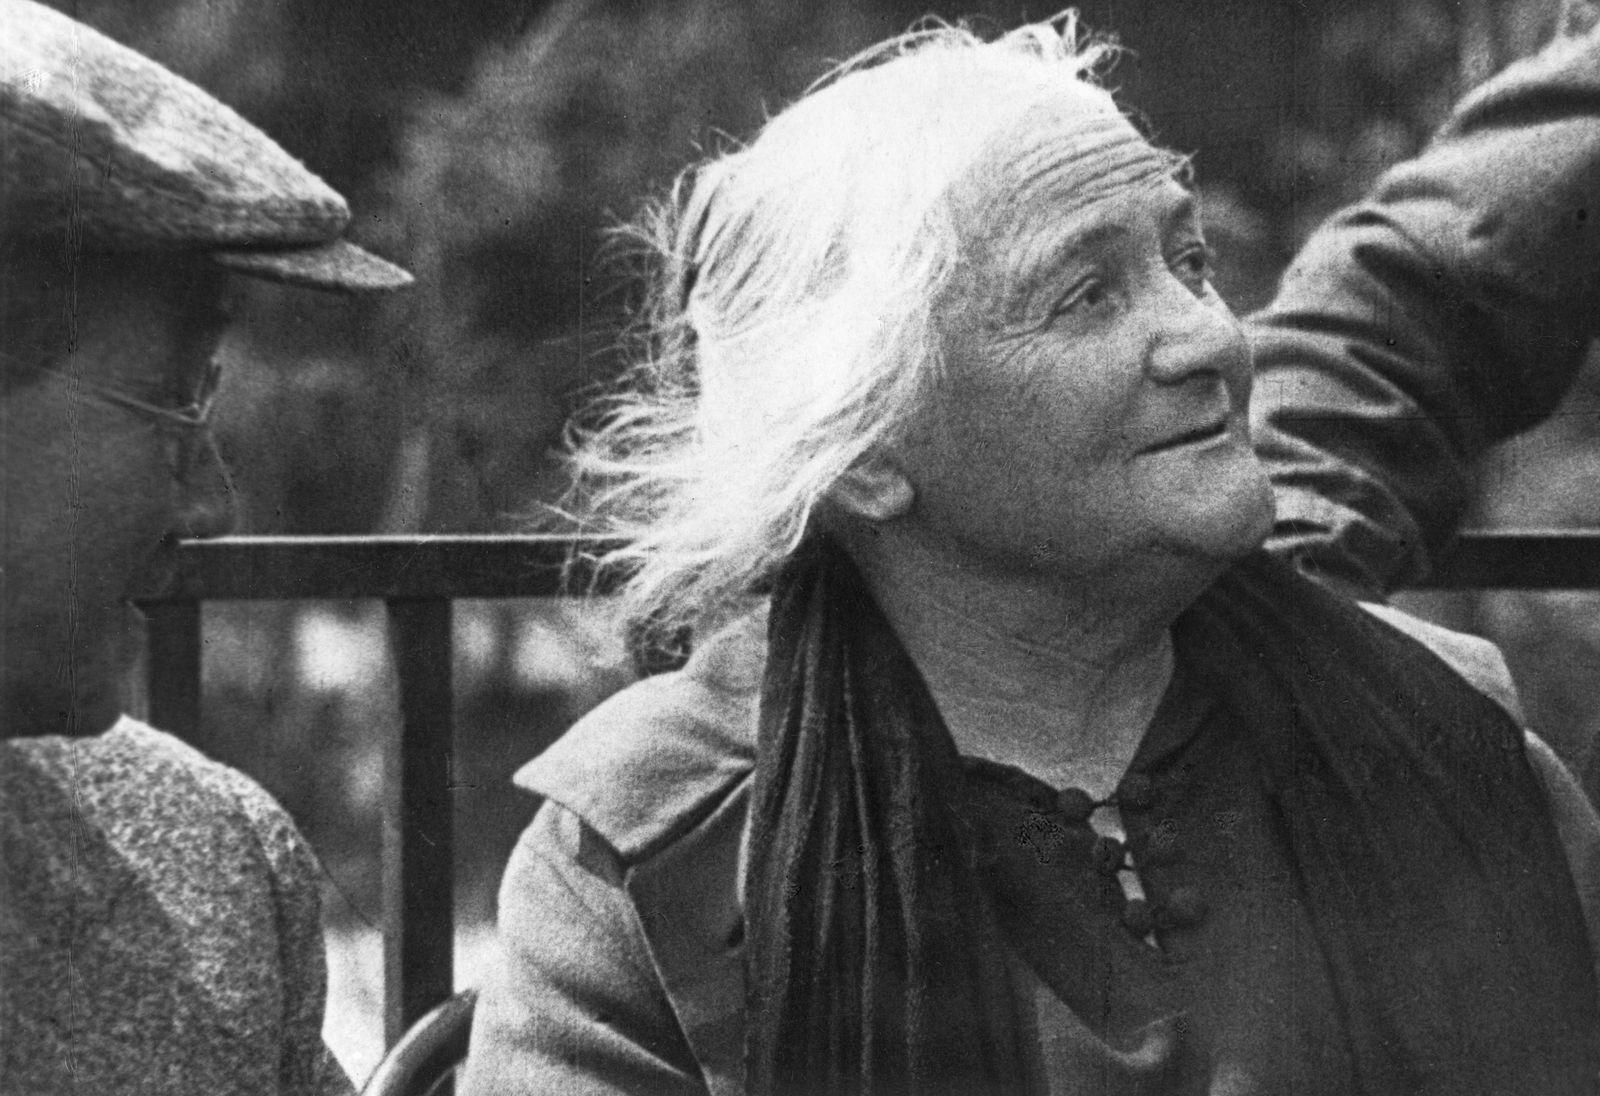 Clara Zetkin (1857 - 1933) am Internationalen Jugendtag auf dem Roten Platz